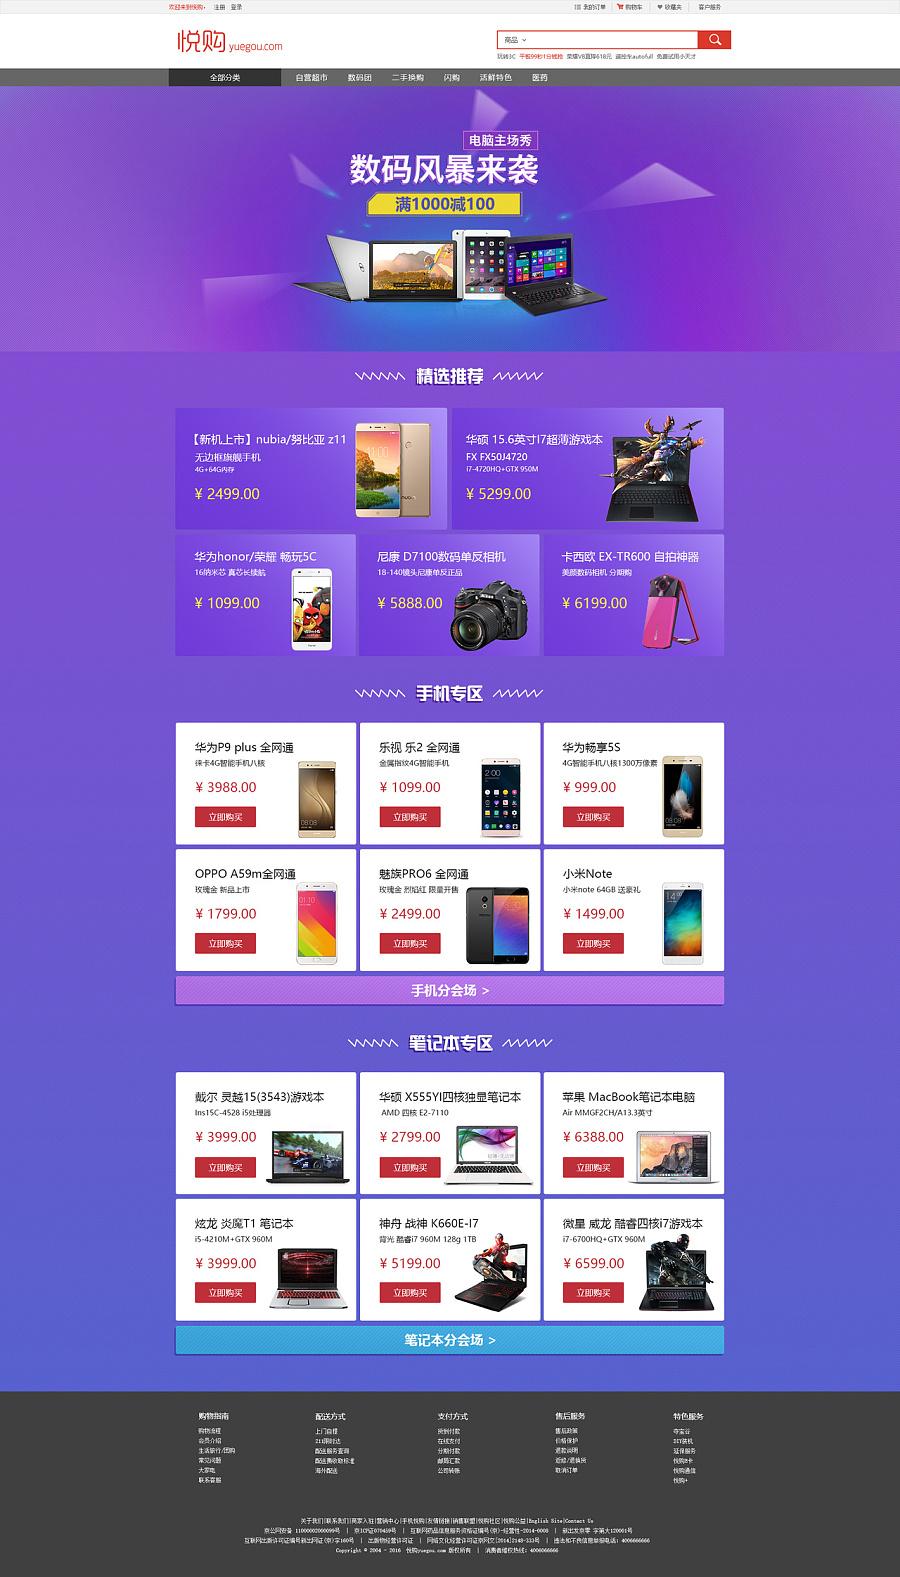 电商网站设计-悦购|电子商务/商城|网页|把你niconico